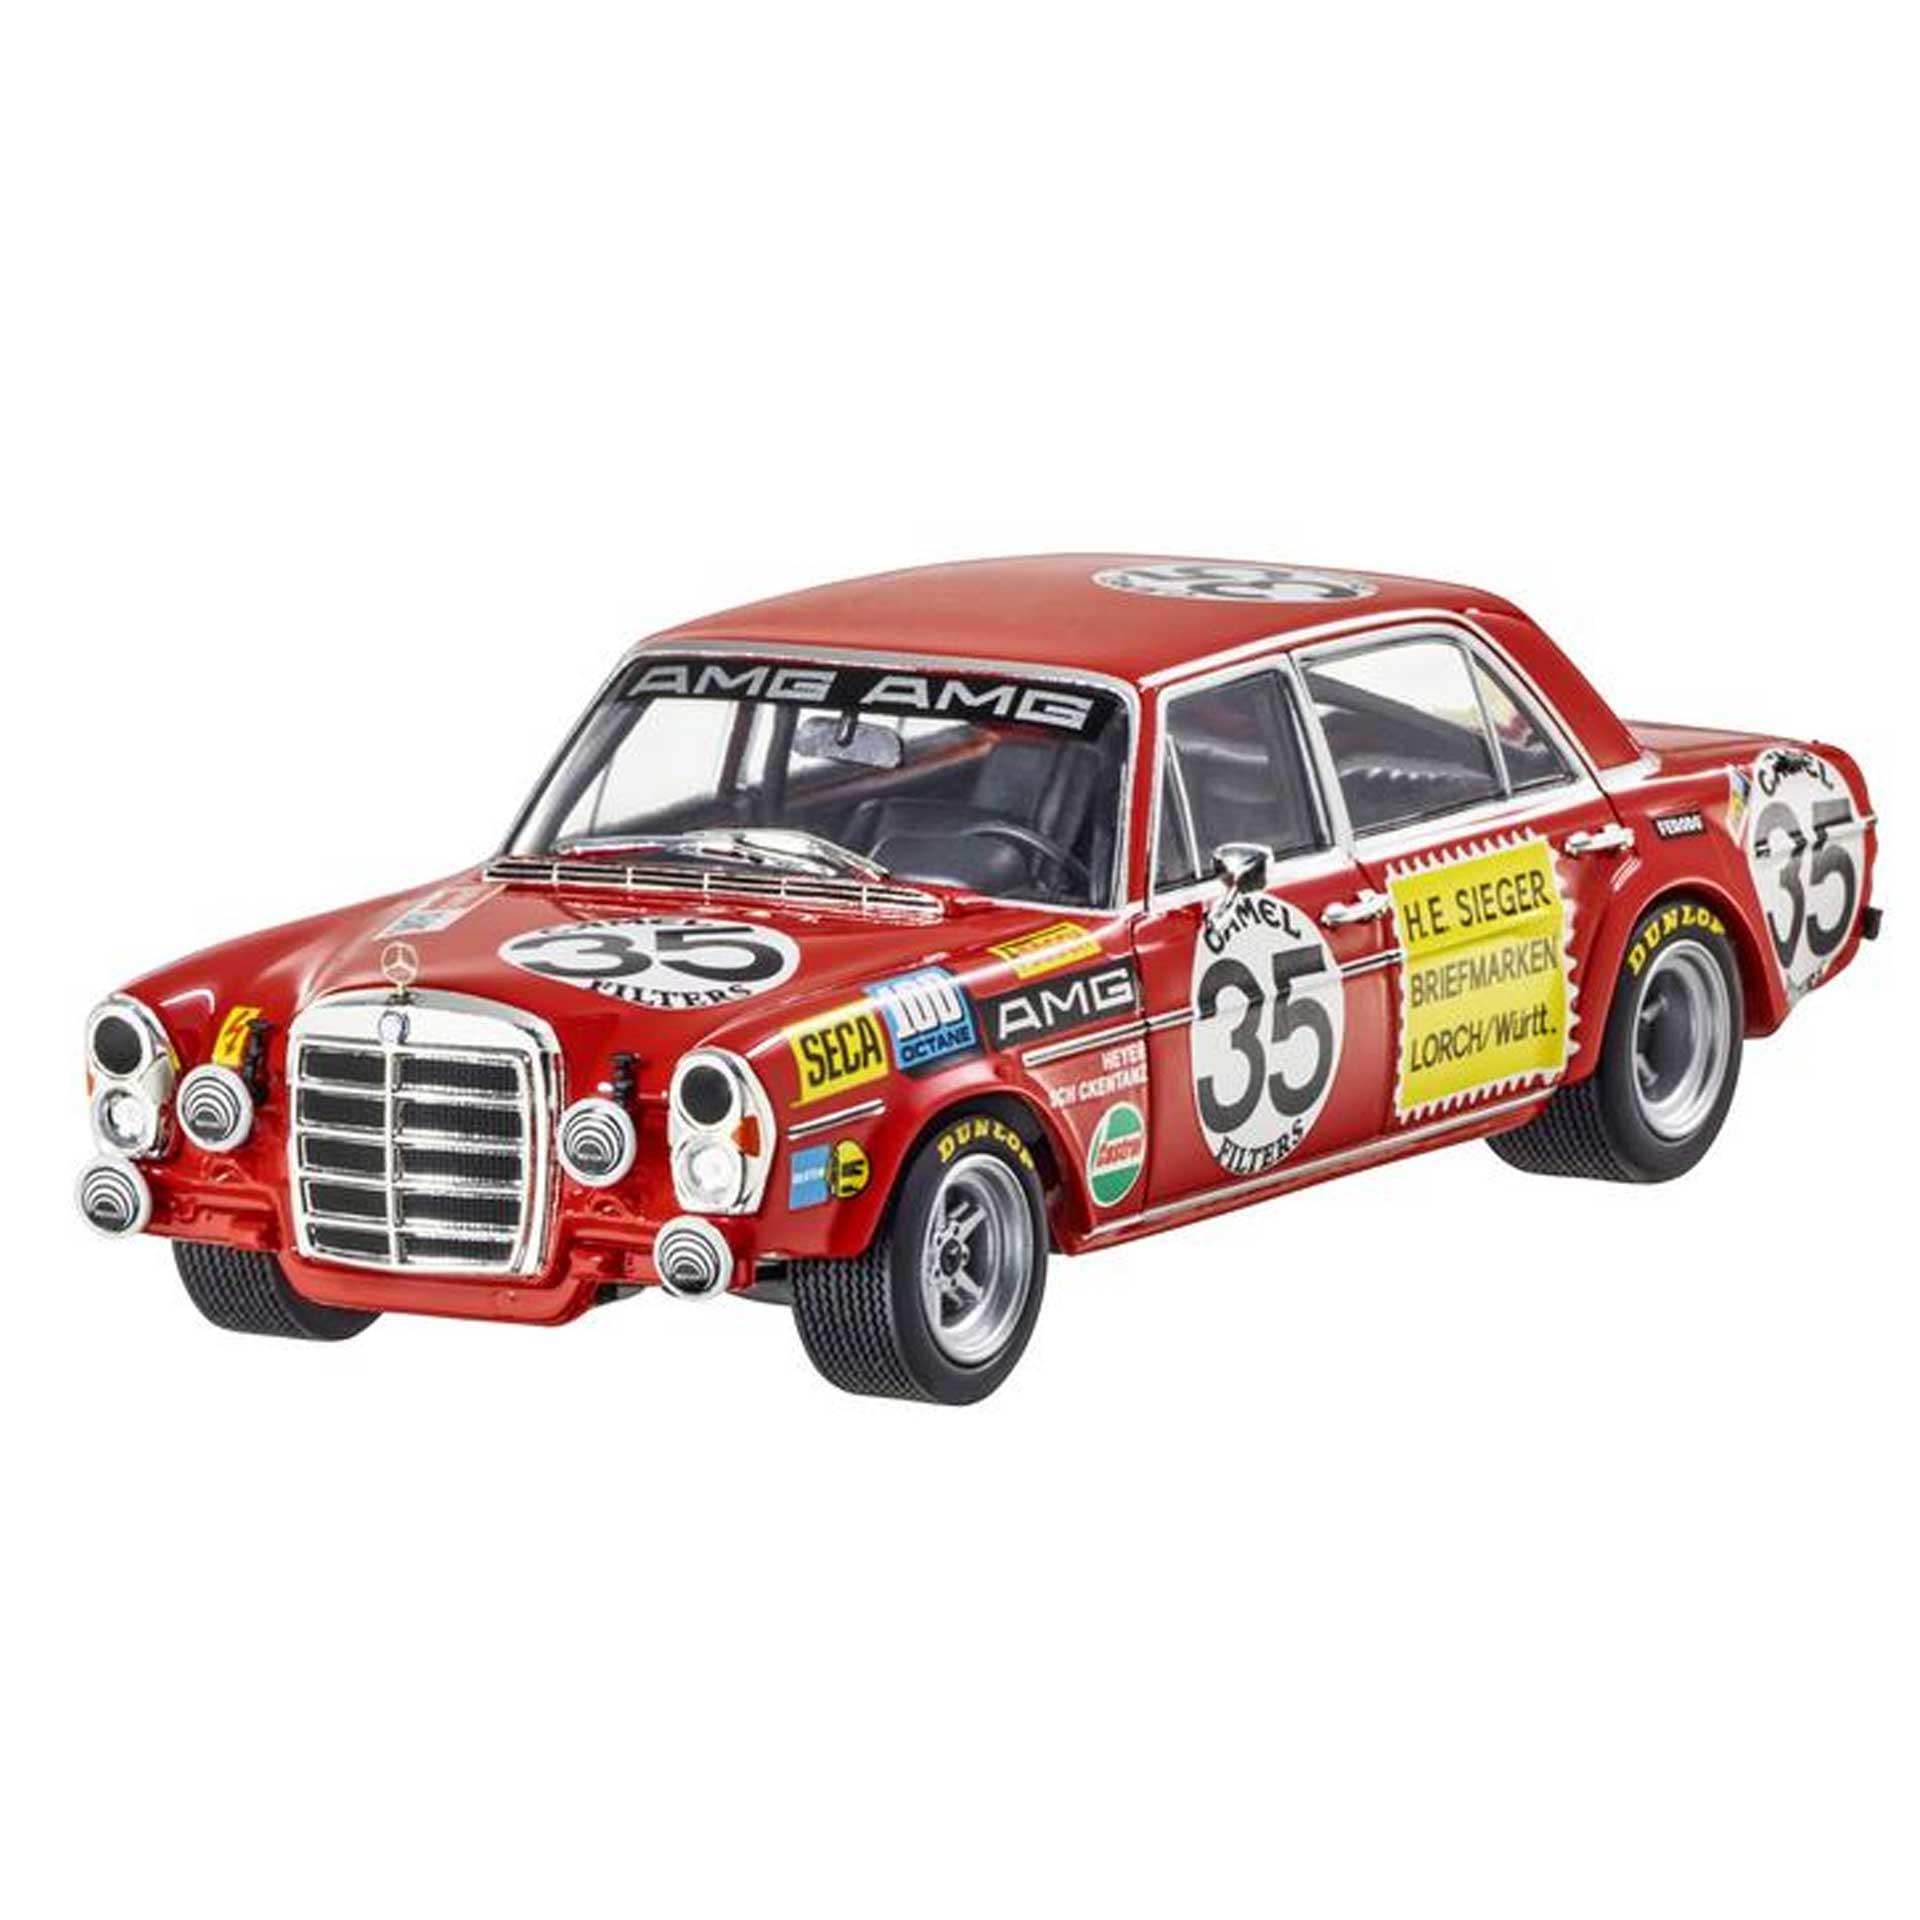 Mercedes-AMG Modellauto 300 SEL 6.8 AMG W 109 (1971) 1:43